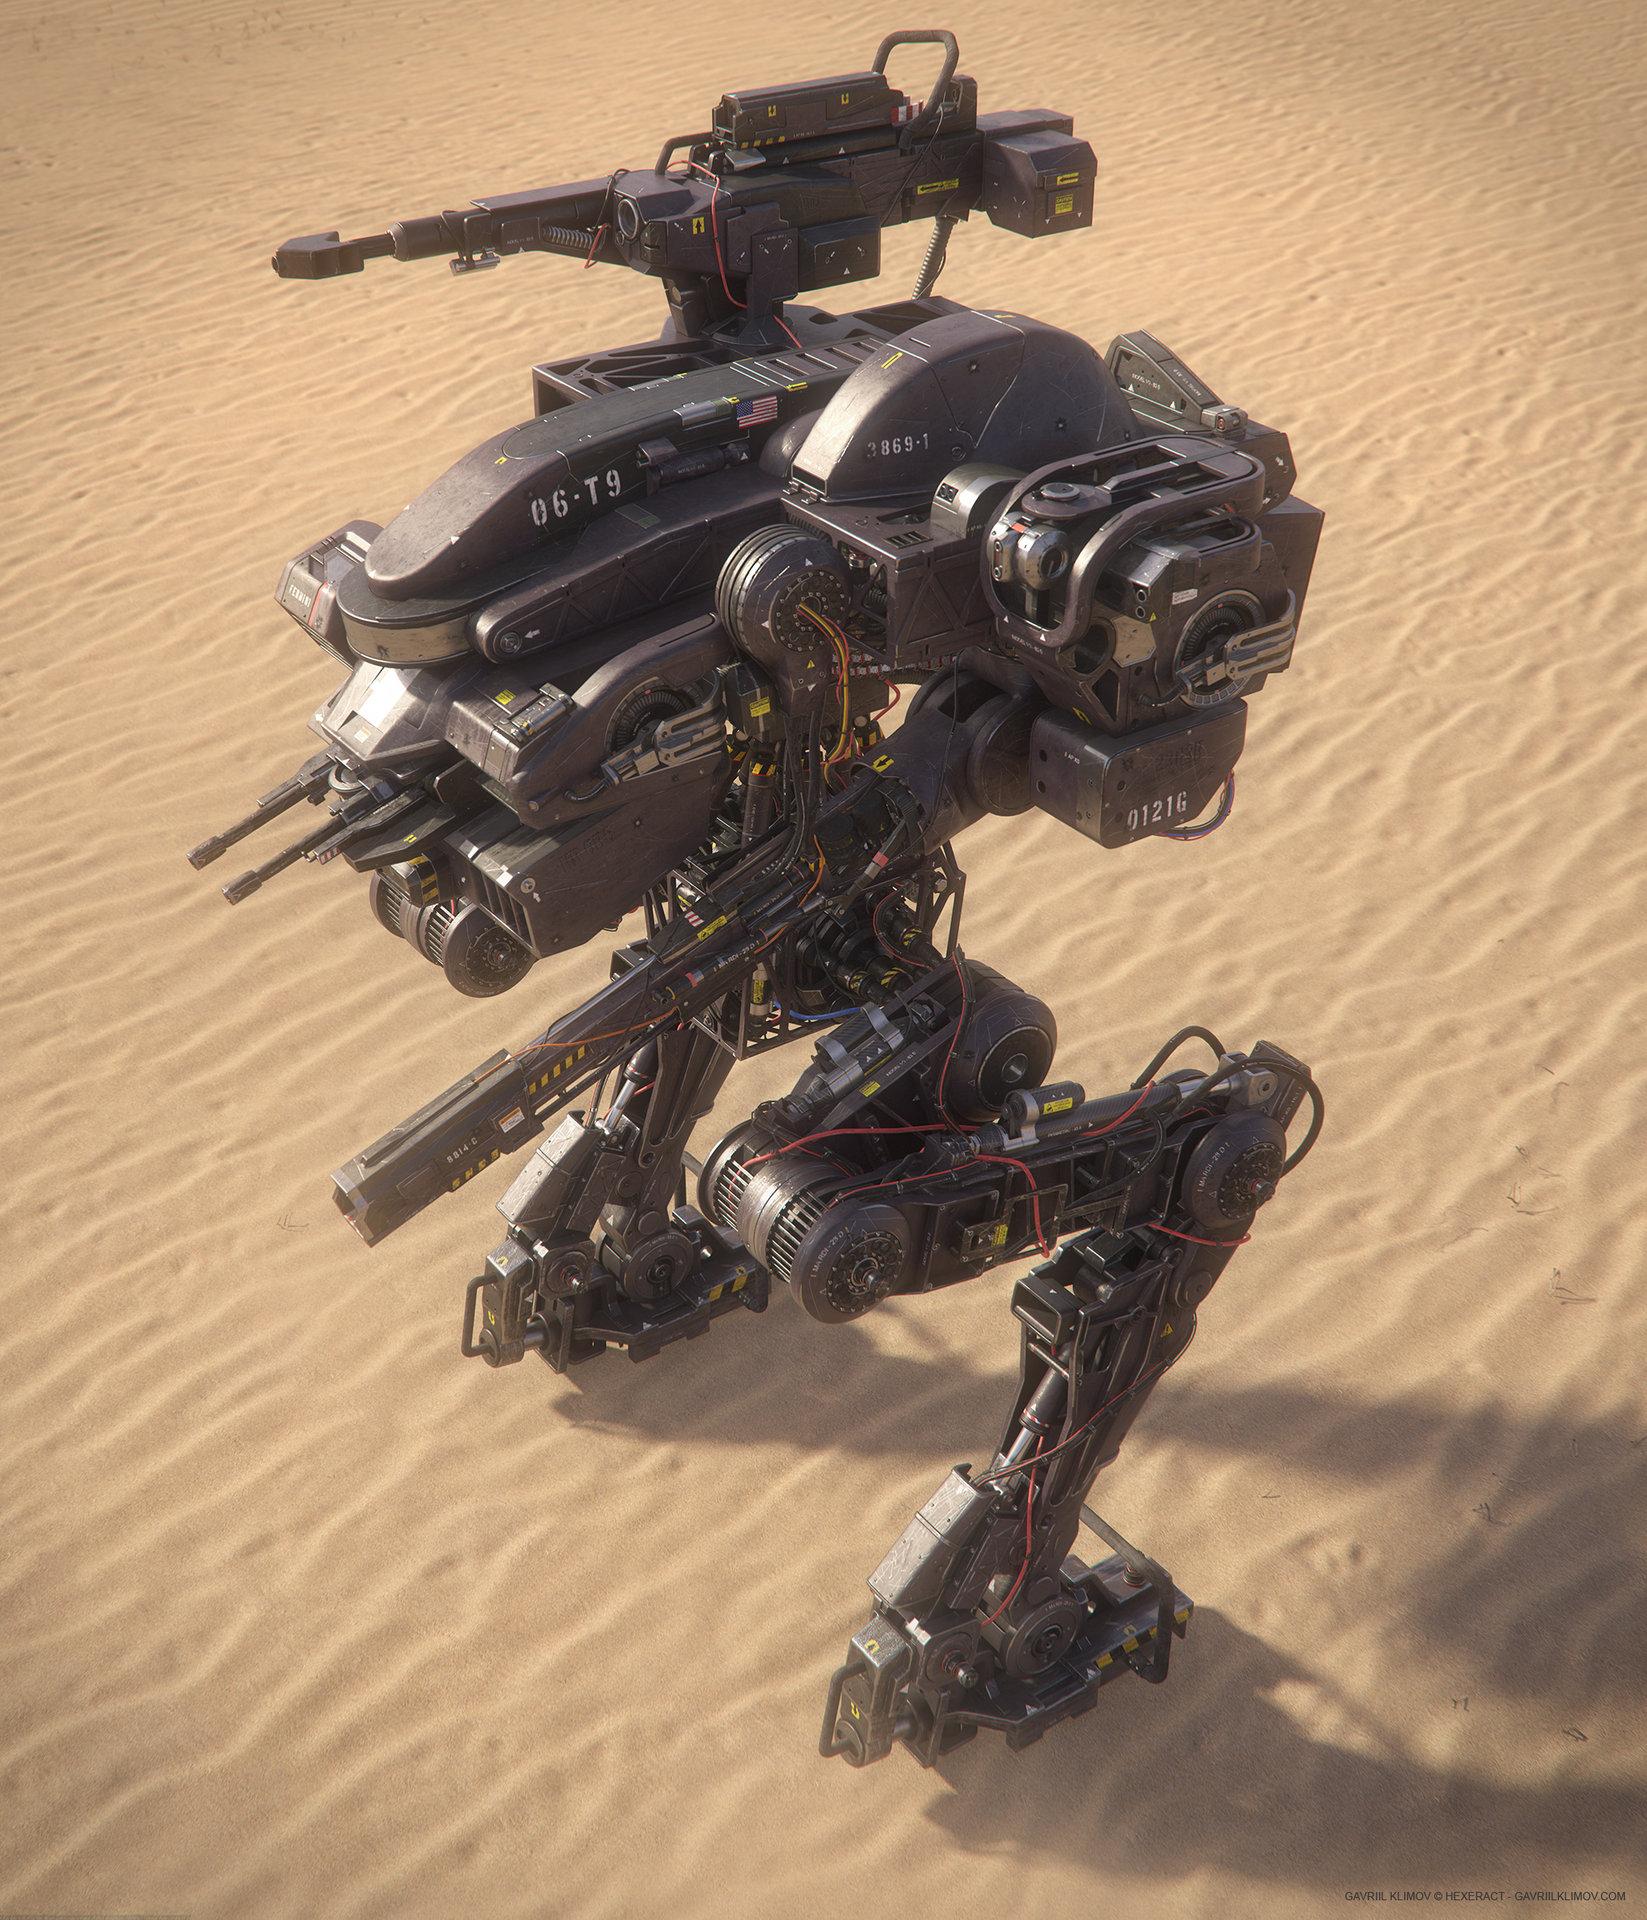 Desertmech 02